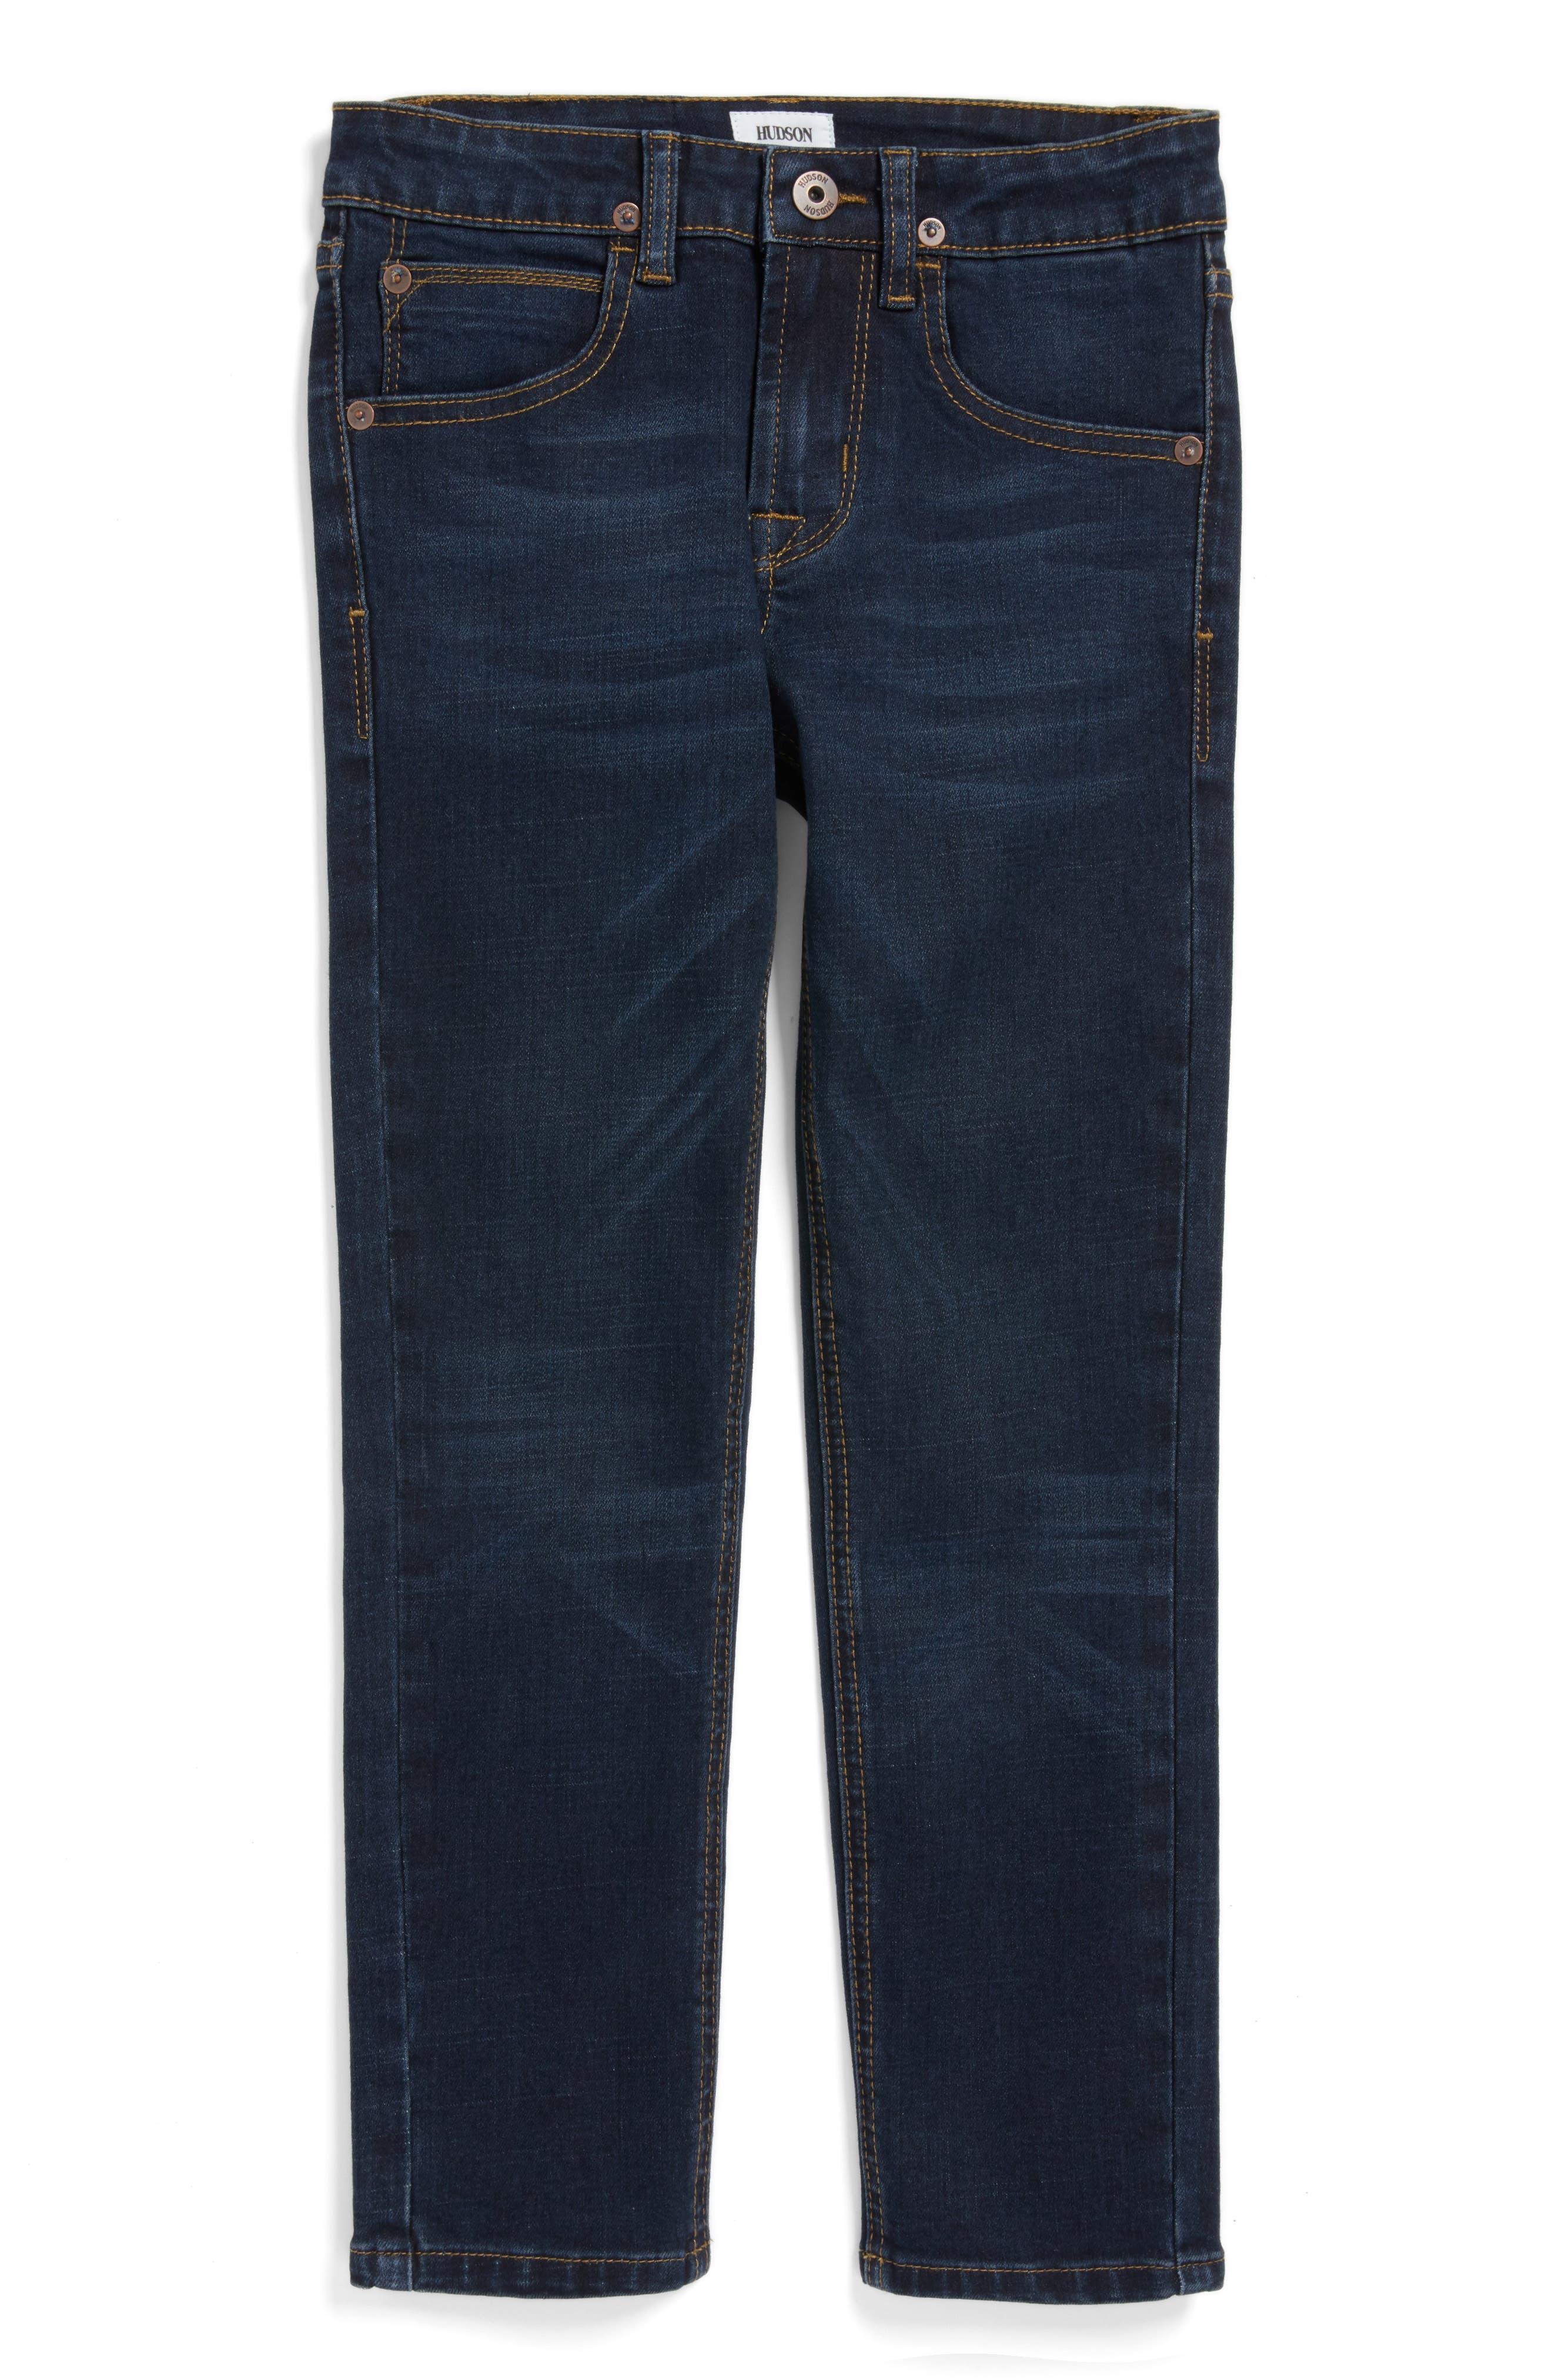 Hudson Jagger Slim Straight Leg Jeans,                         Main,                         color, Shaken Blue